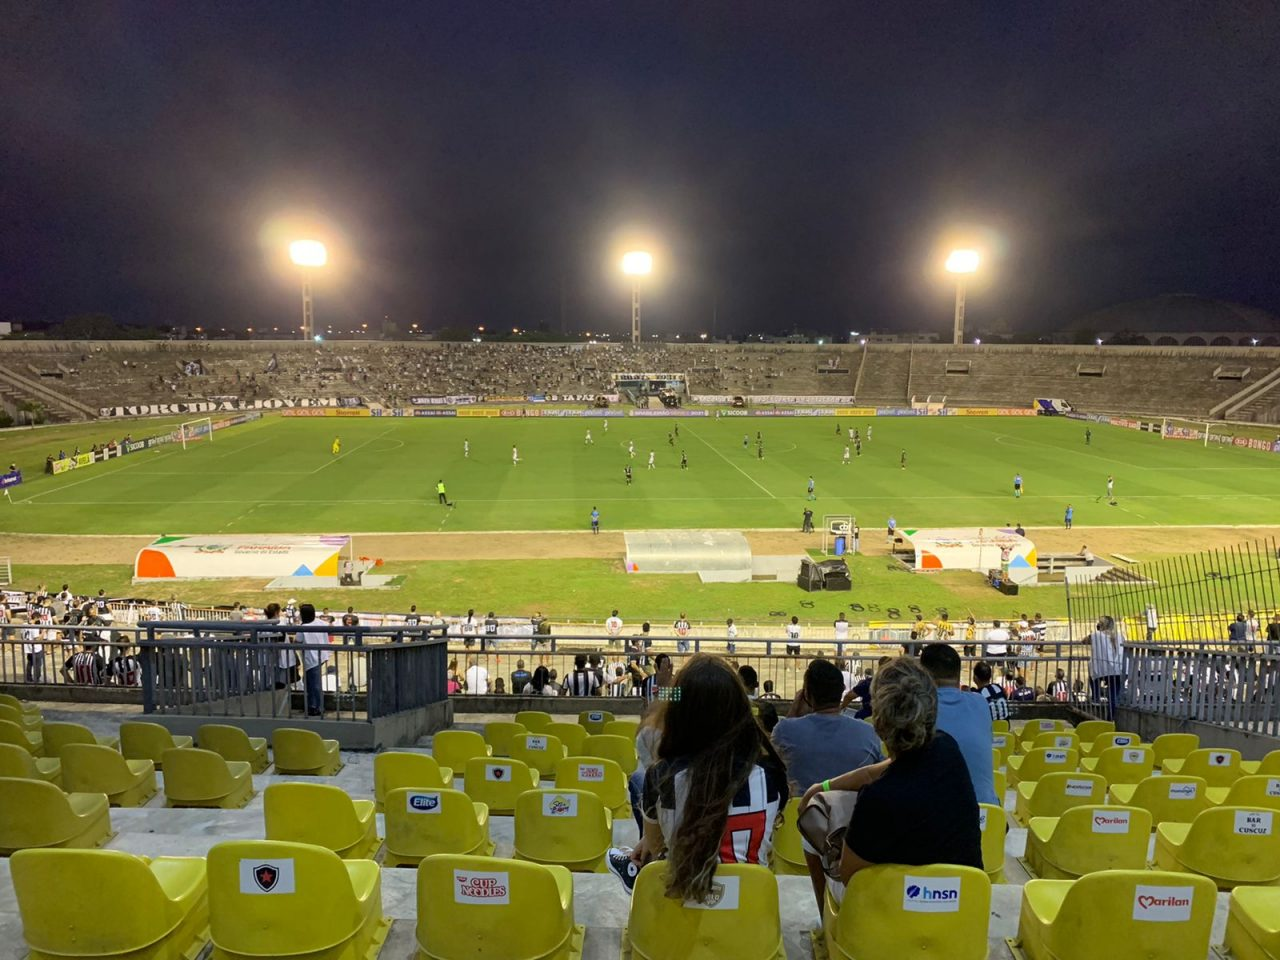 WhatsApp Image 2021 10 02 at 17.39.16 2 scaled - Ituano vence Botafogo-PB e sai na frente no quadrangular final da Série C